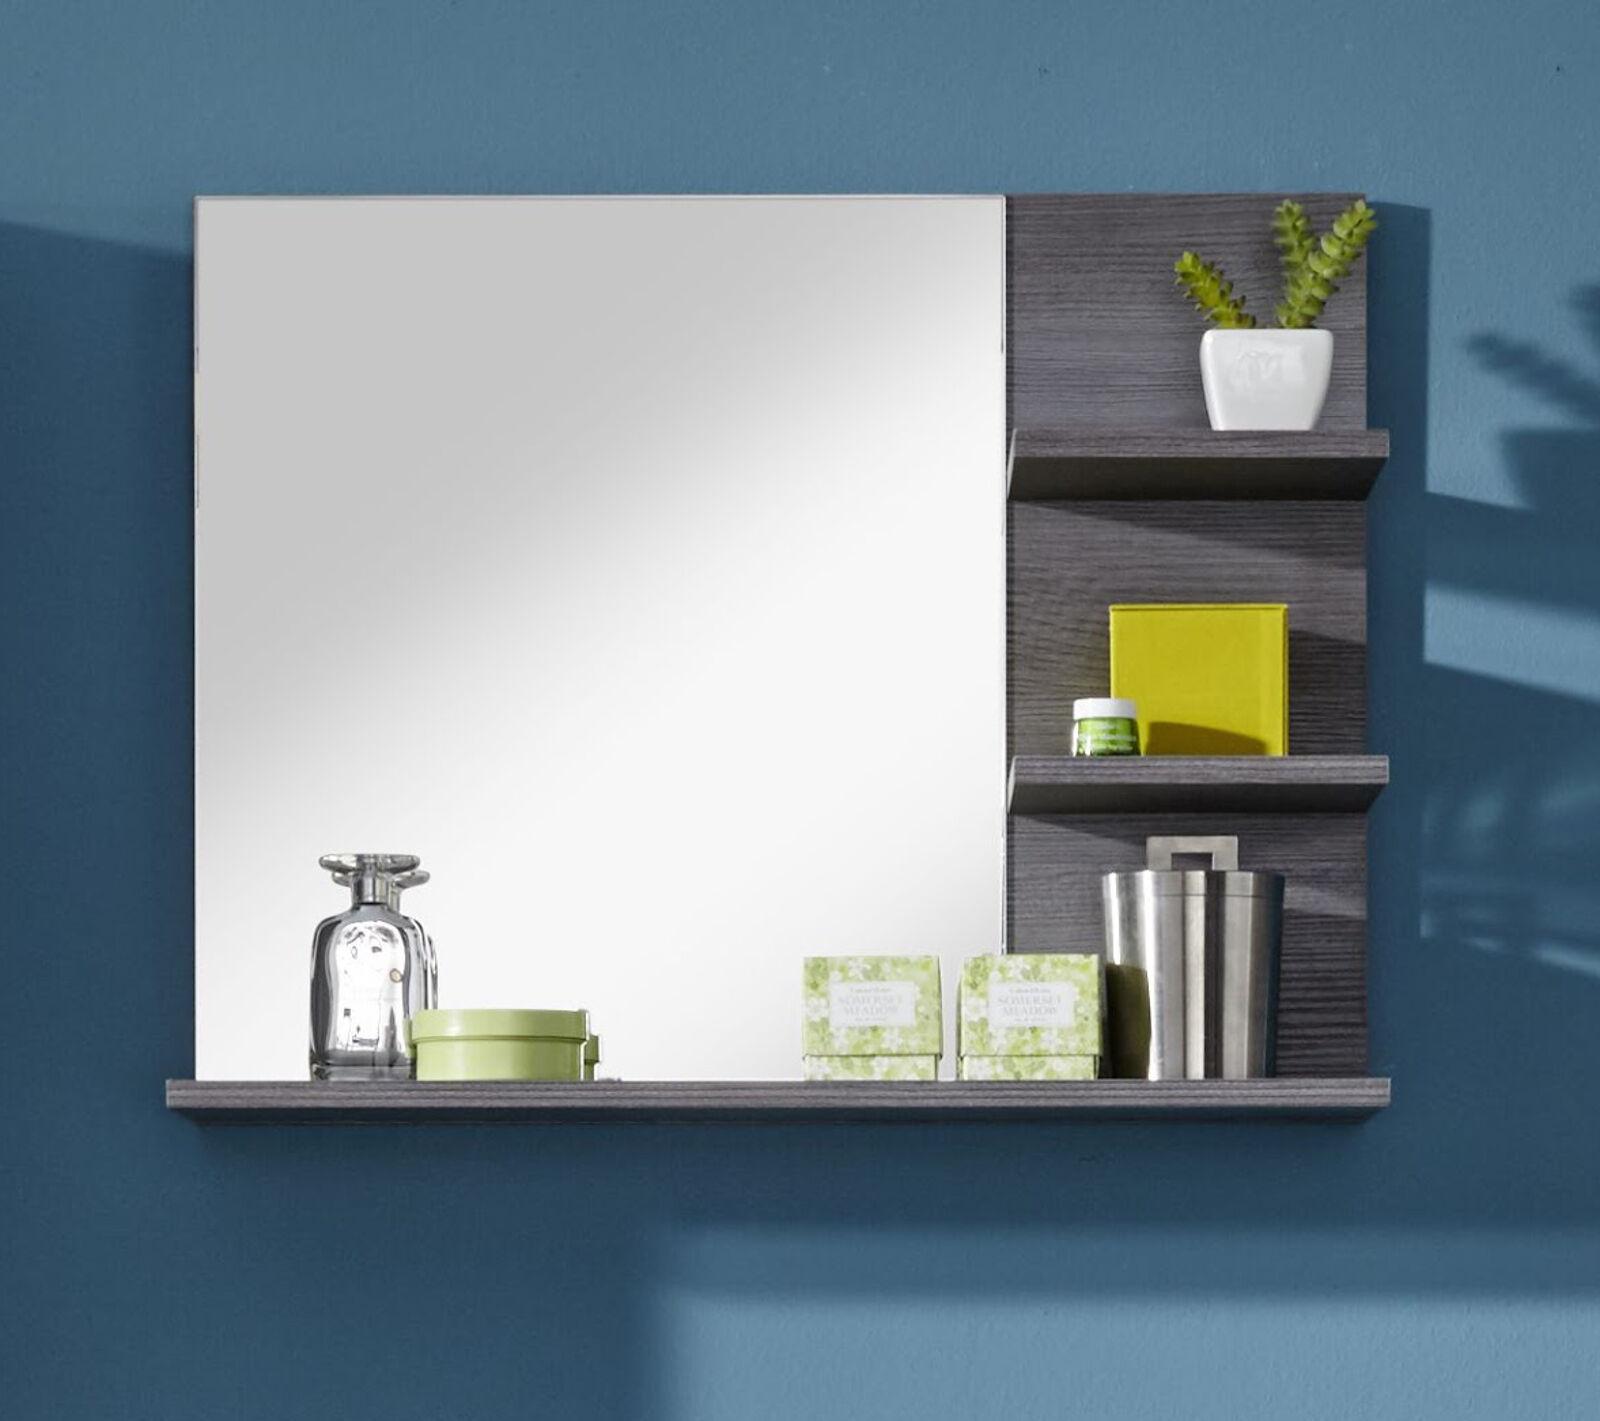 badspiegel badezimmer bad spiegel sardegna grau mit regal ablage m bel miami 70 eur 54 99. Black Bedroom Furniture Sets. Home Design Ideas